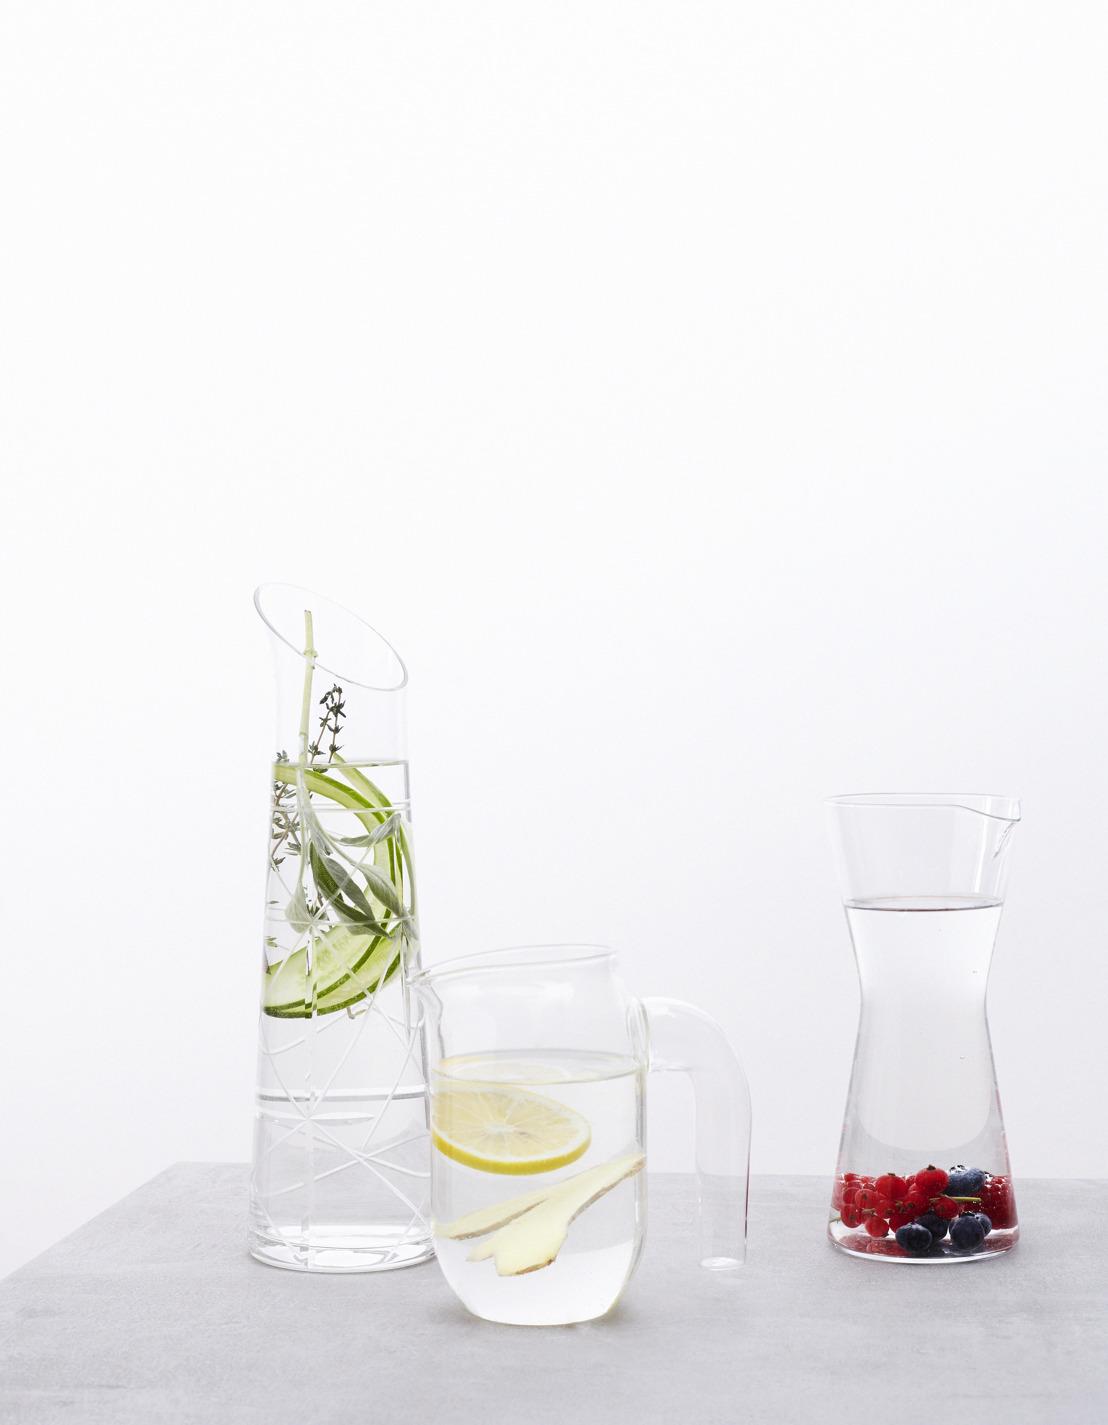 Feestelijk aperitieven met een vleugje bruiswater